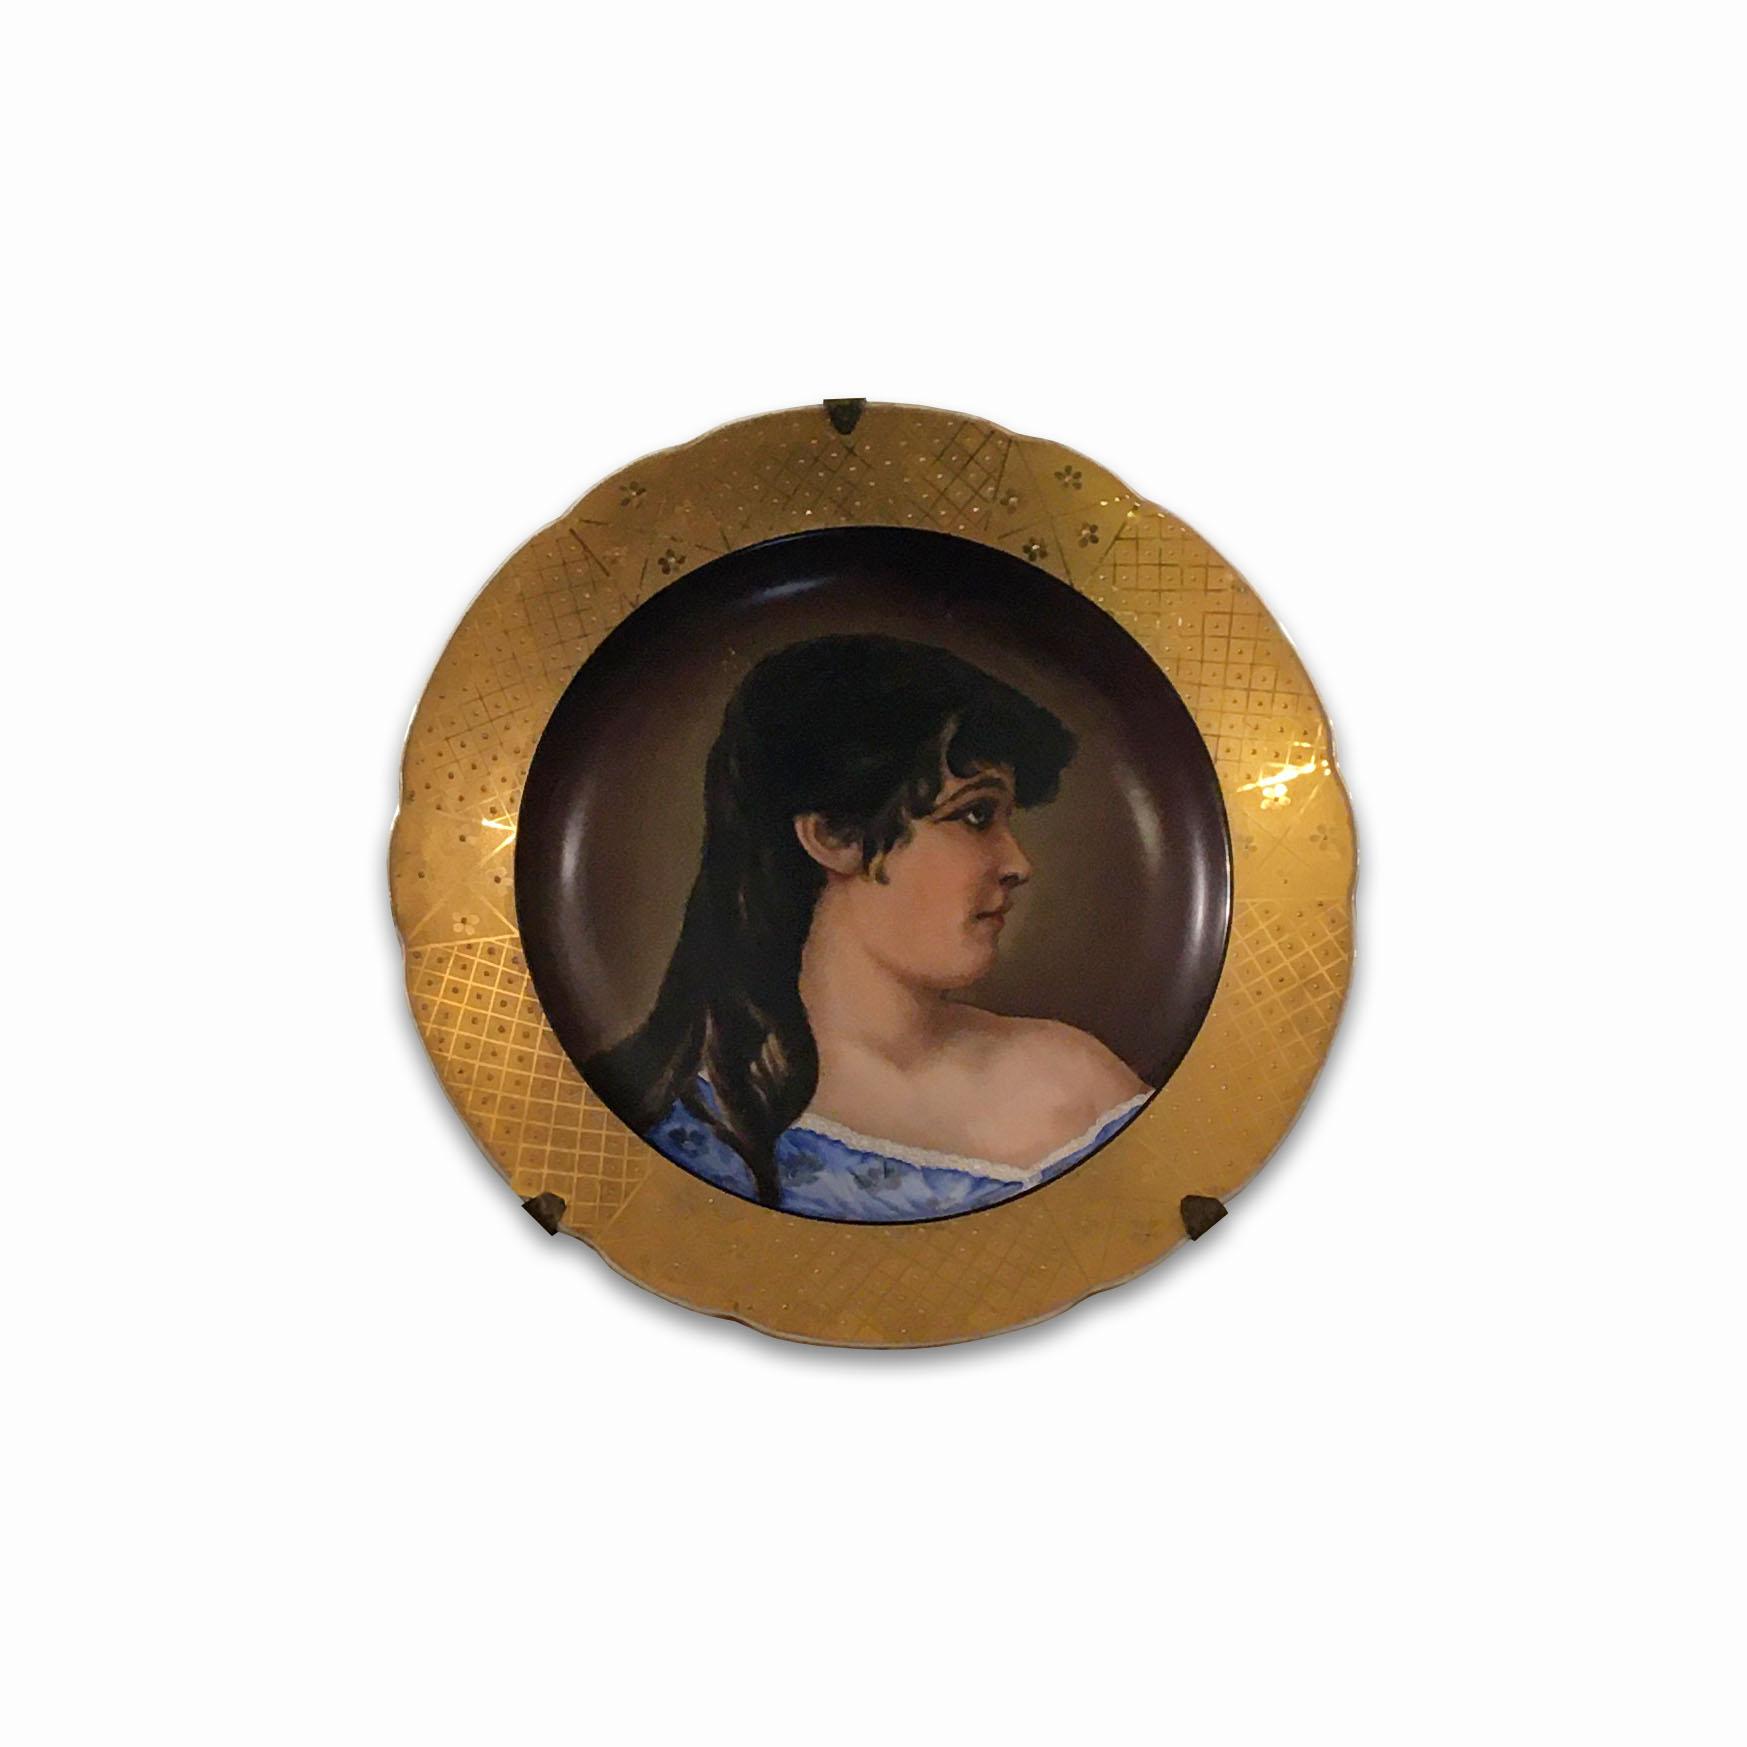 Dekorativní talíř s černohorkou